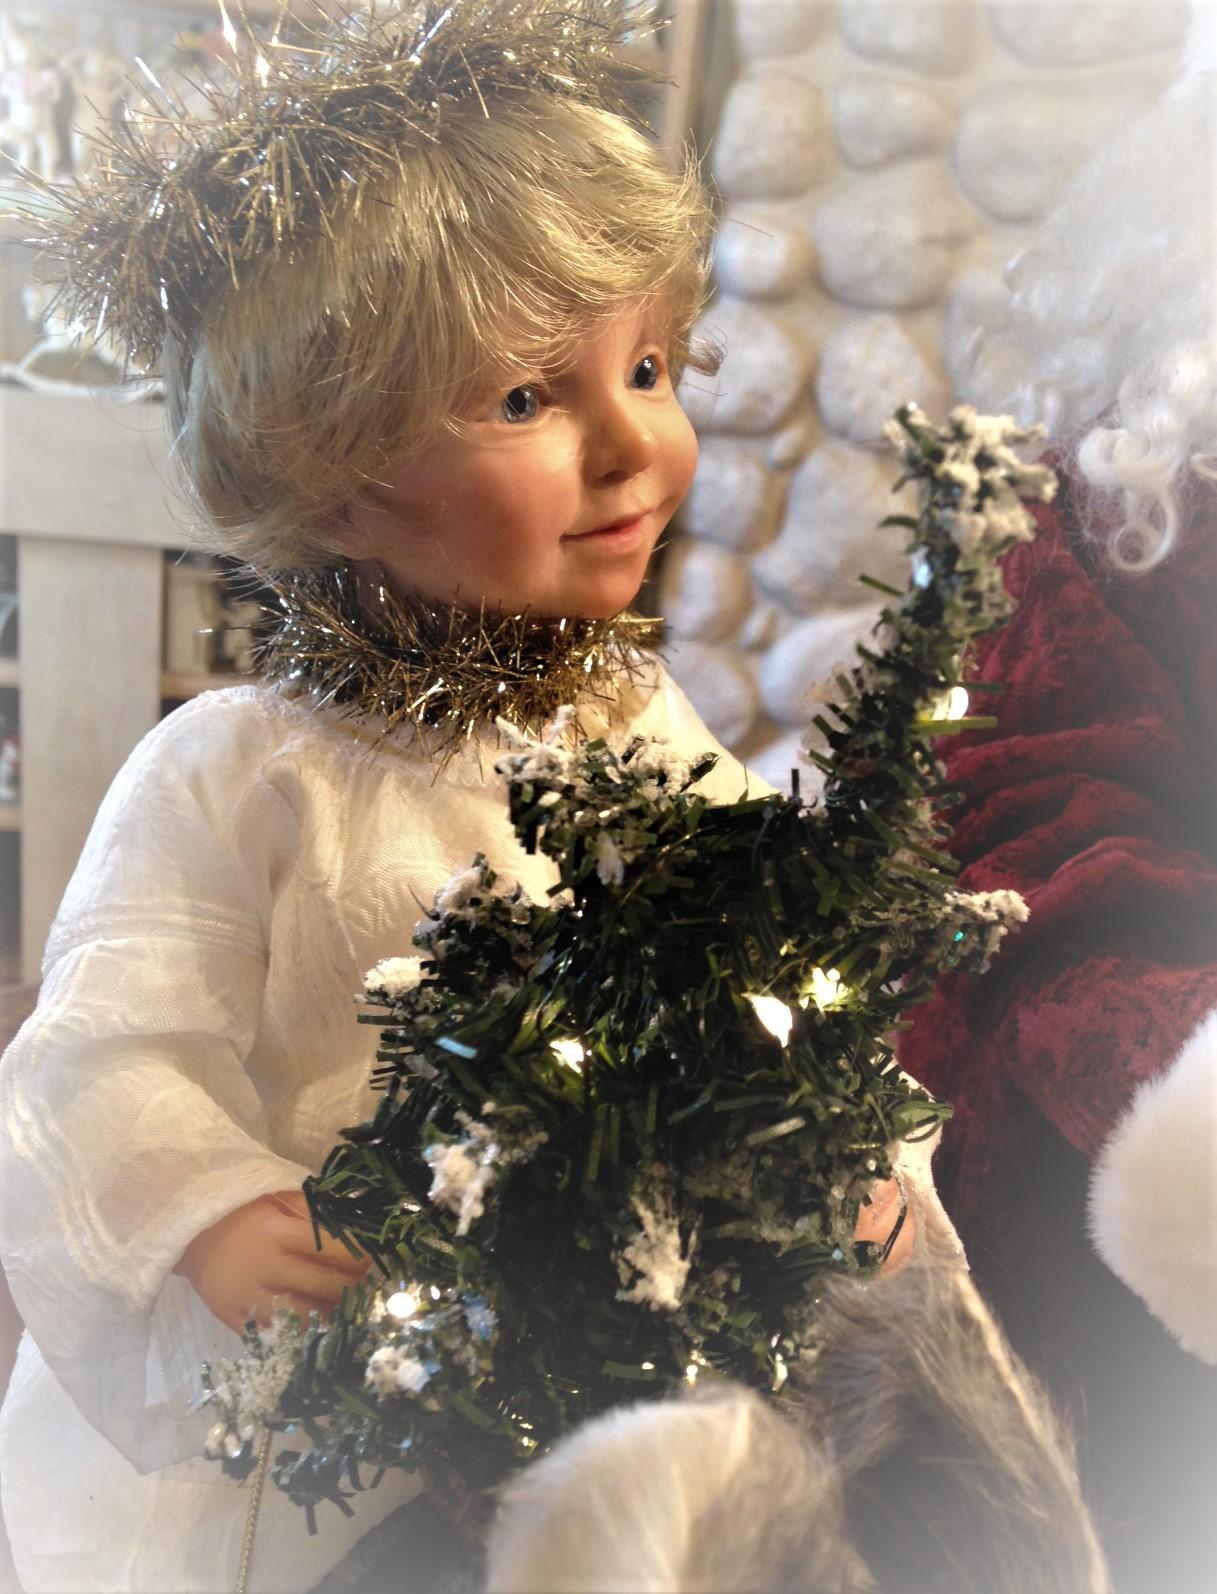 Christmasblessingsangelbestjpg.jpg?15278